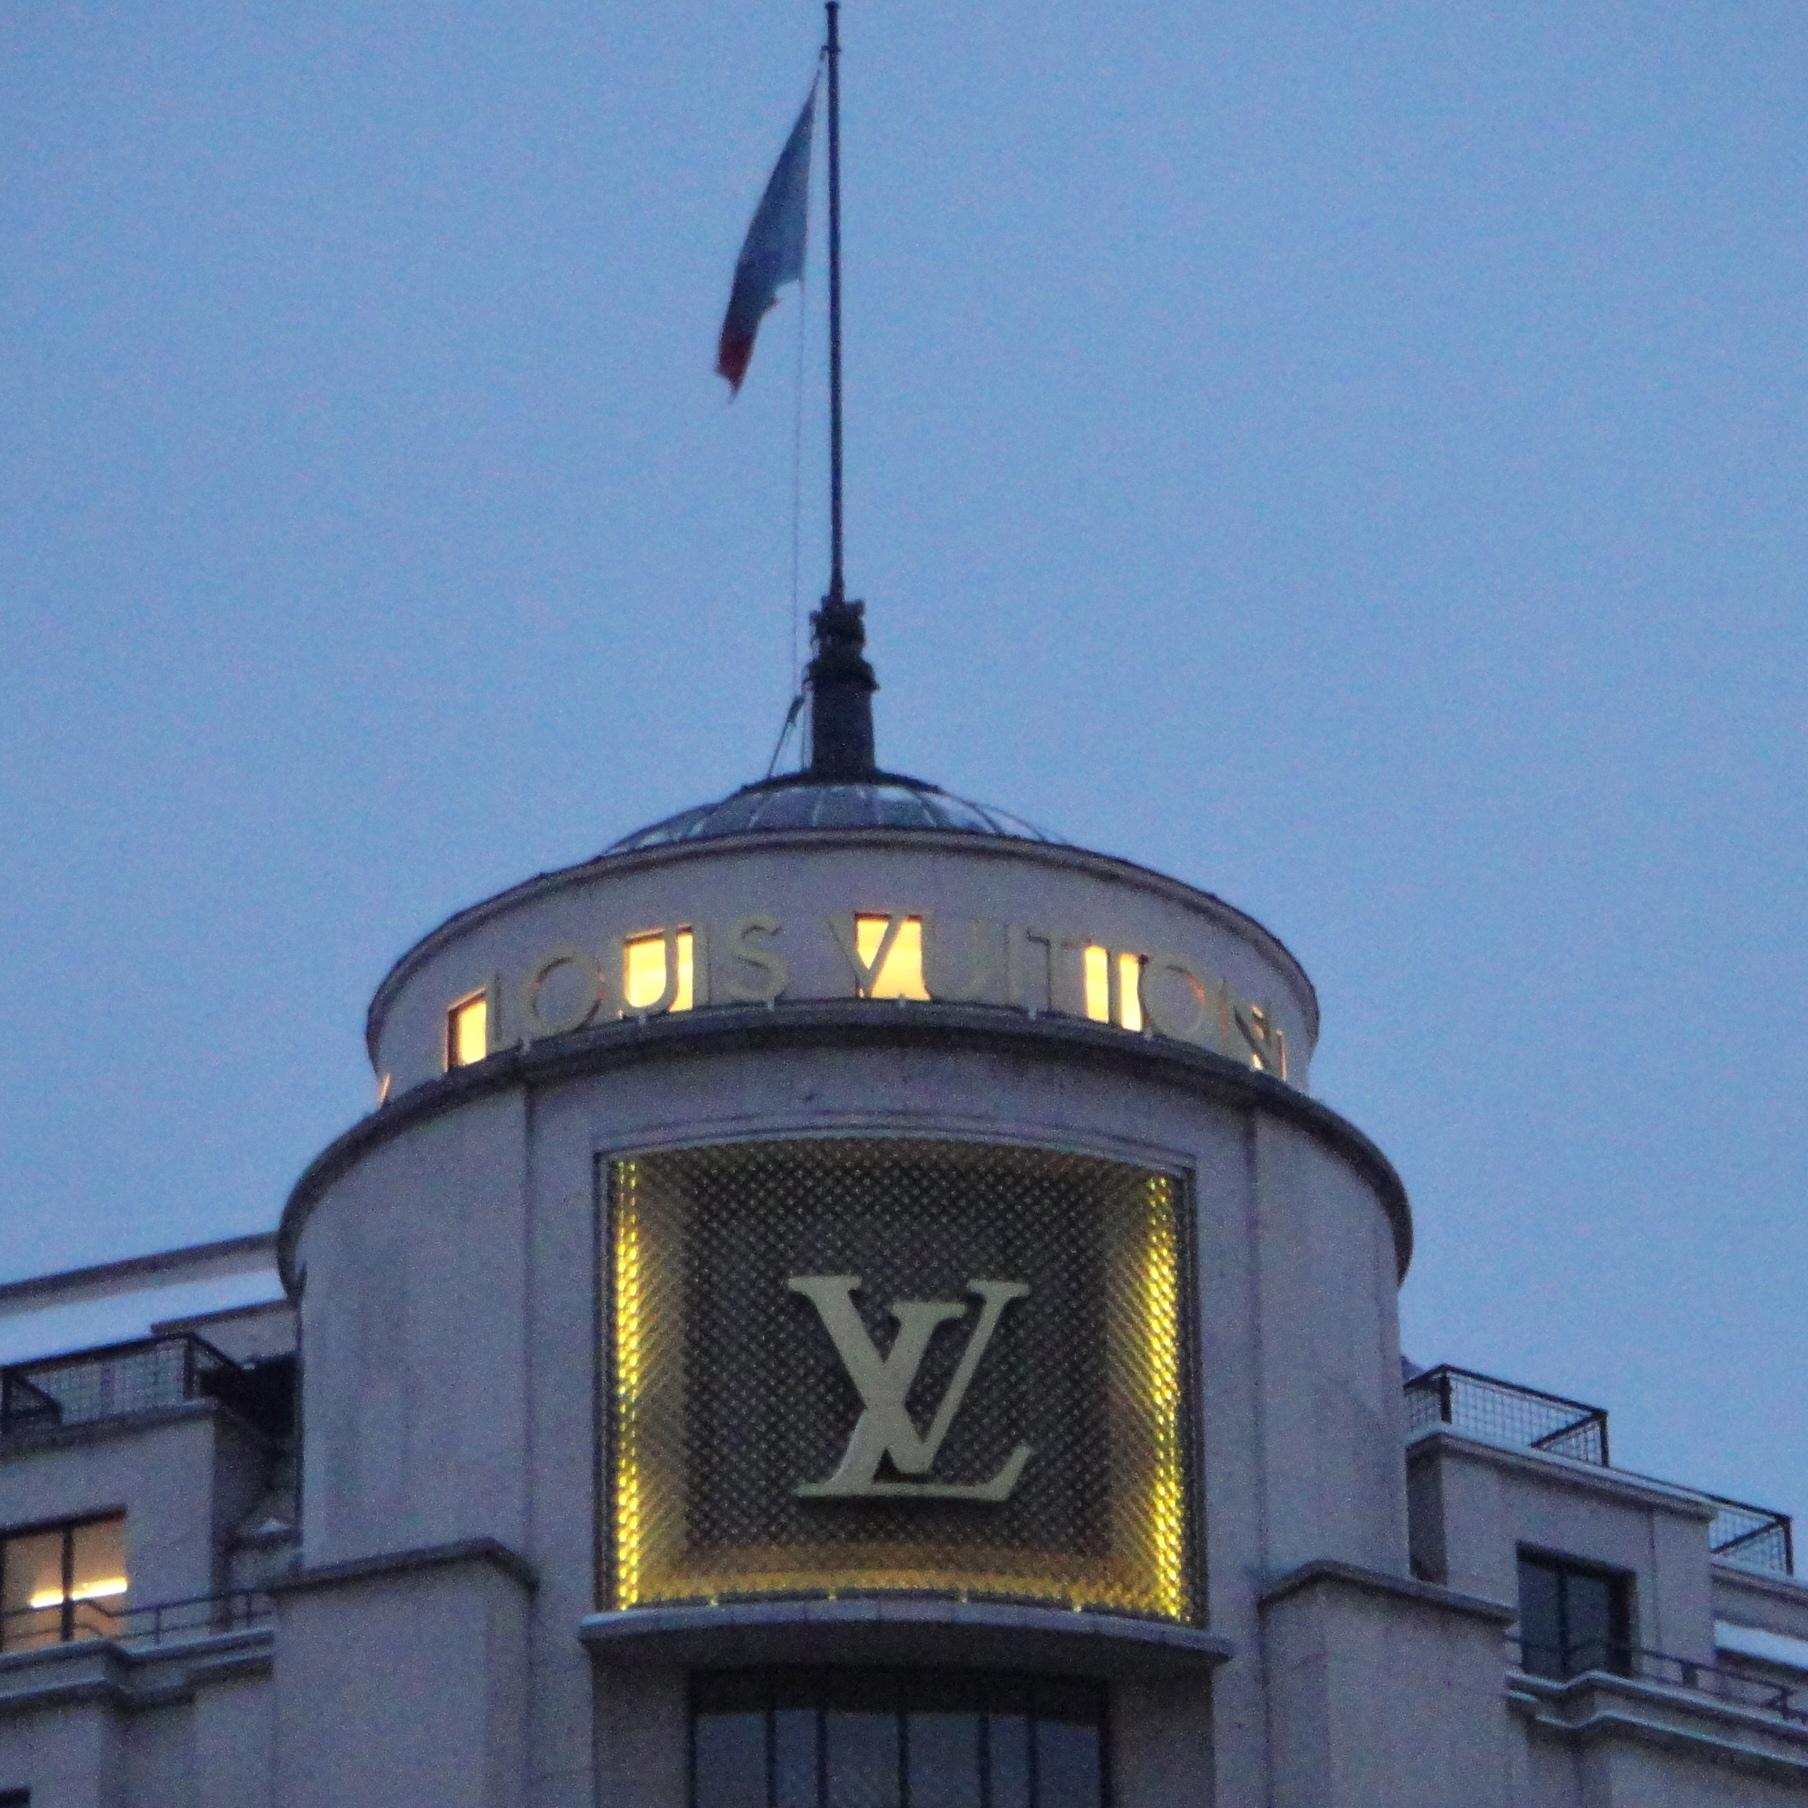 Louis Vuitton Maison Champs Elysees